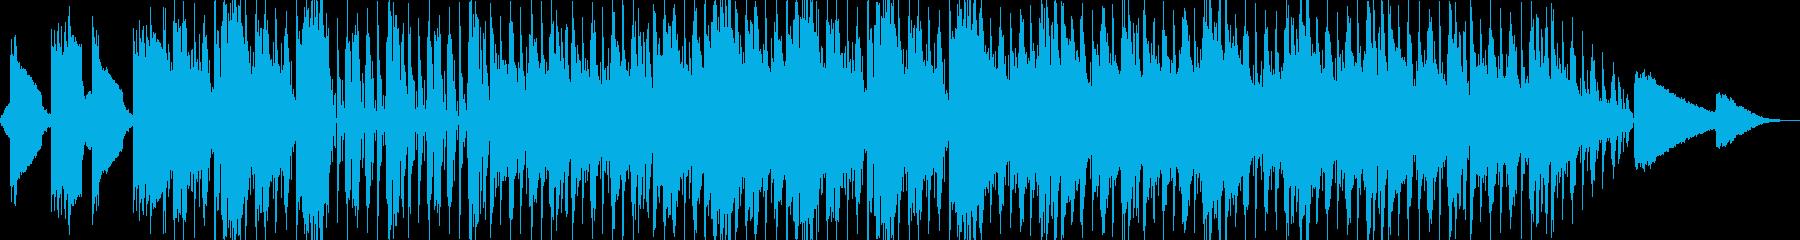 切ないlofihiphopの再生済みの波形